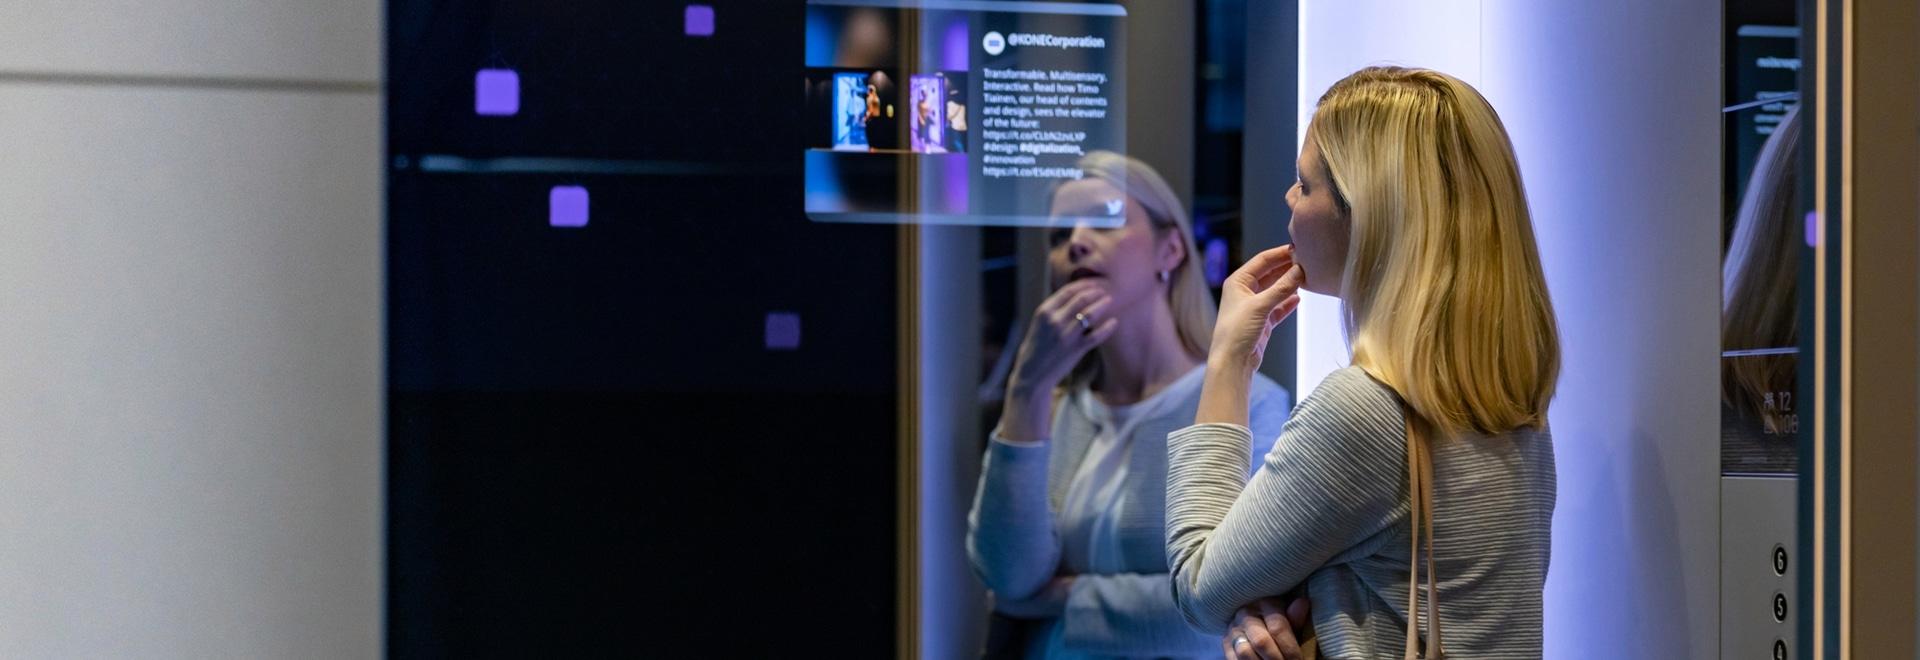 Les ascenseurs de classe DX de Kone seront super connectés.